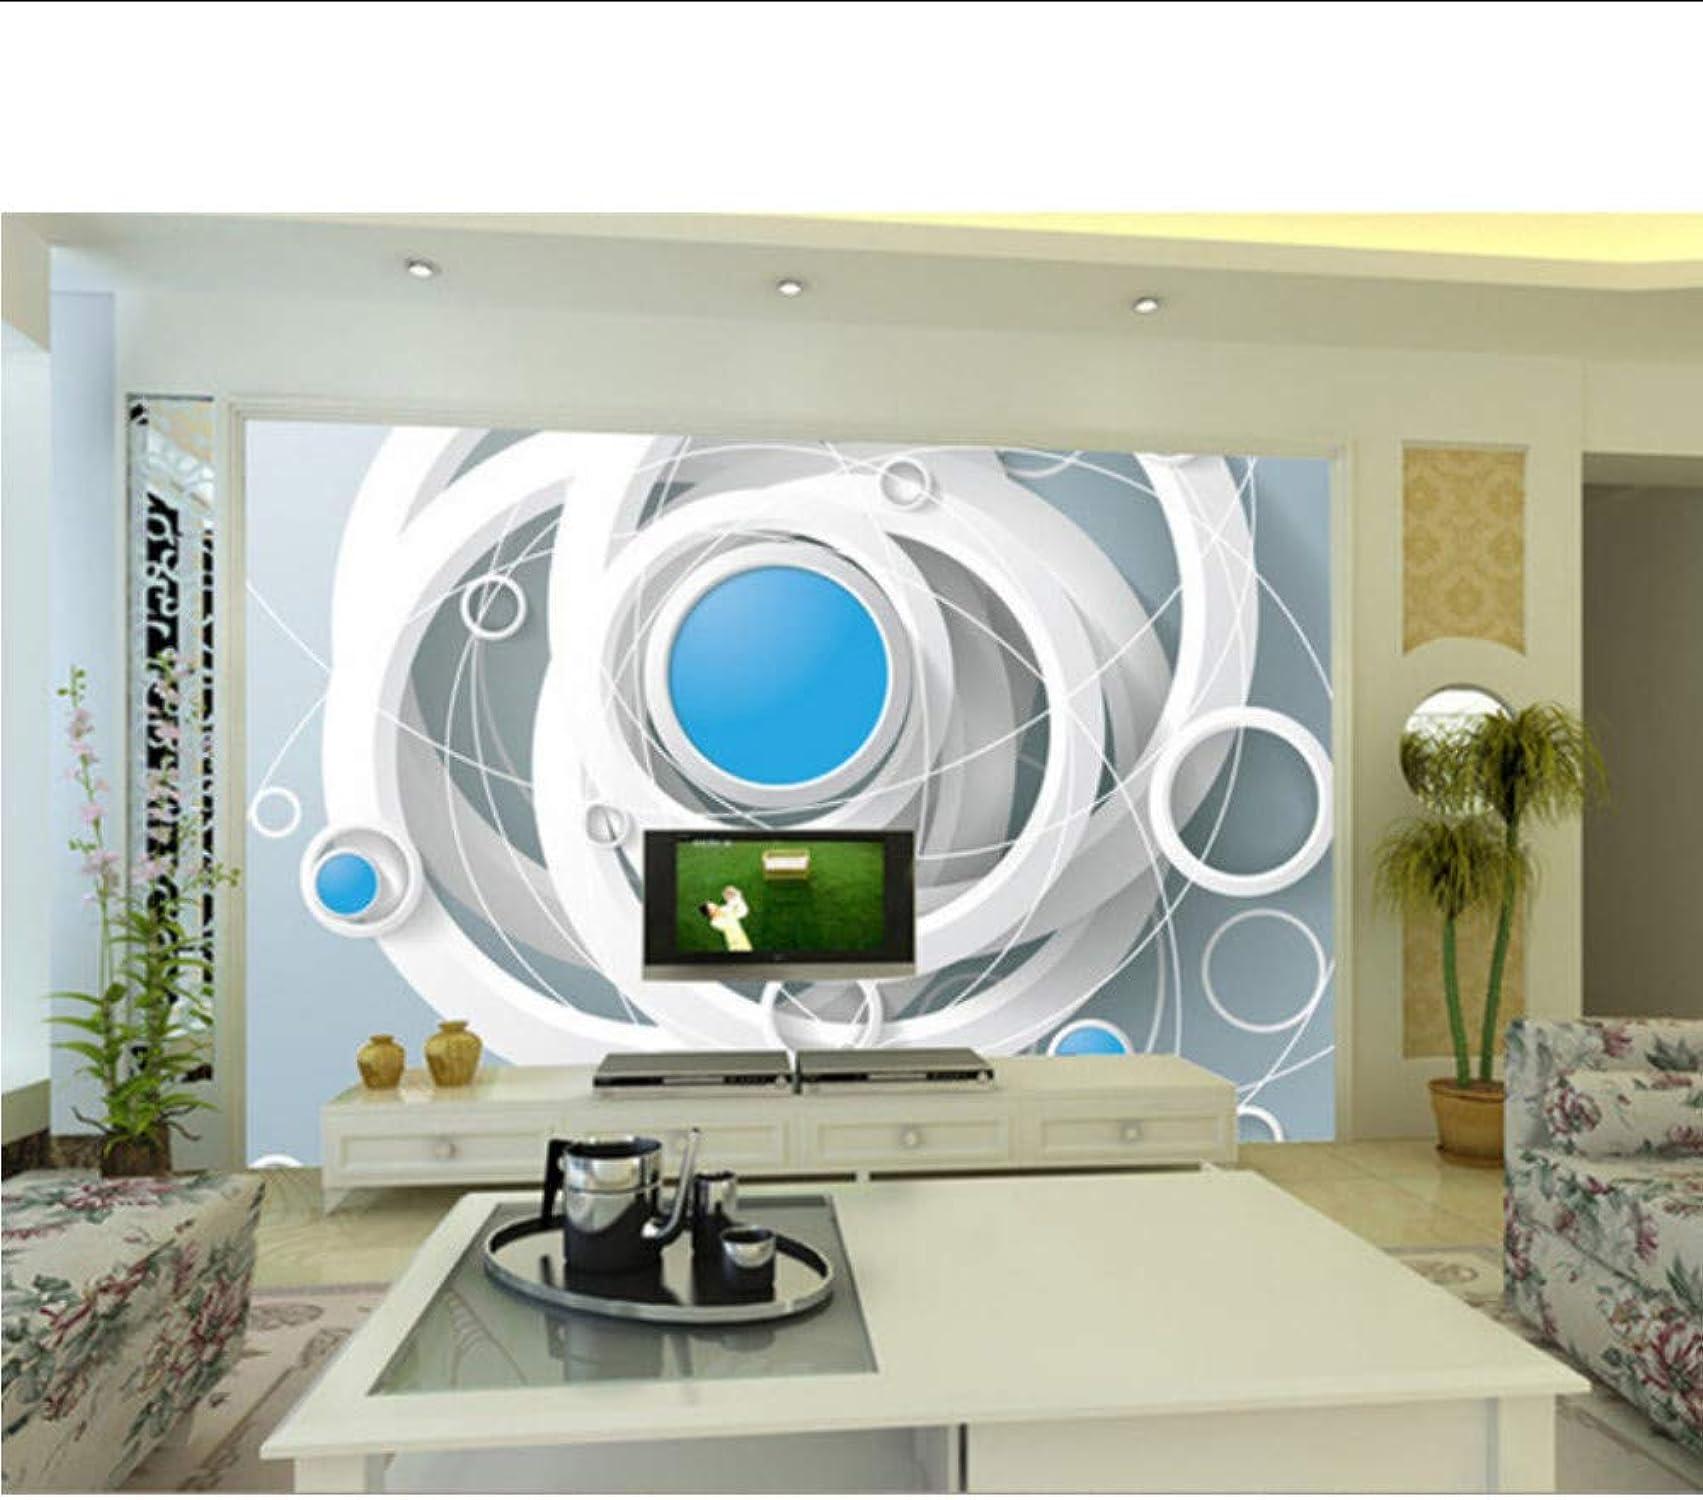 exclusivo Wiwhy Wiwhy Wiwhy últimos Murales En 3D, Murales Sencillos De 3 D Anillos De Personalidad, Papel Tapiz Del Dormitorio Del Sofá Del Salón Tv Del Hotel-200X140Cm  promocionales de incentivo